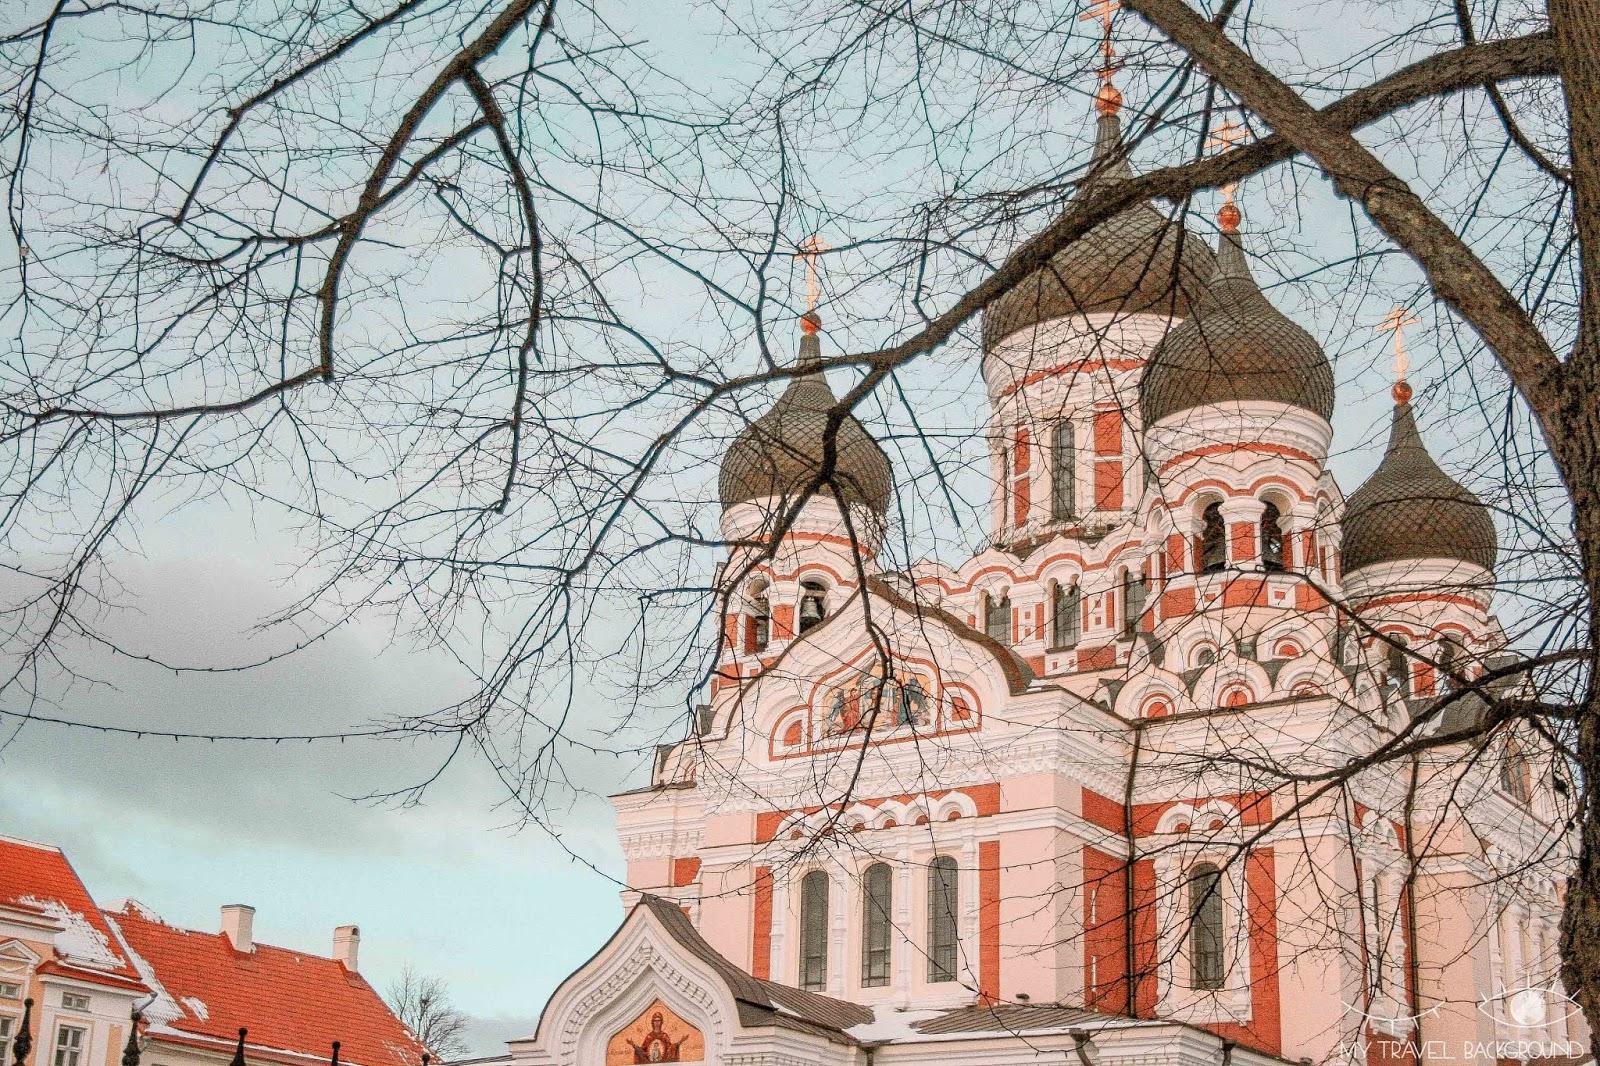 My Travel Background : Escale à Tallinn en Estonie, la perle de la Mer Baltique - Cathedrale Orthodoxe Alexander Nevsky